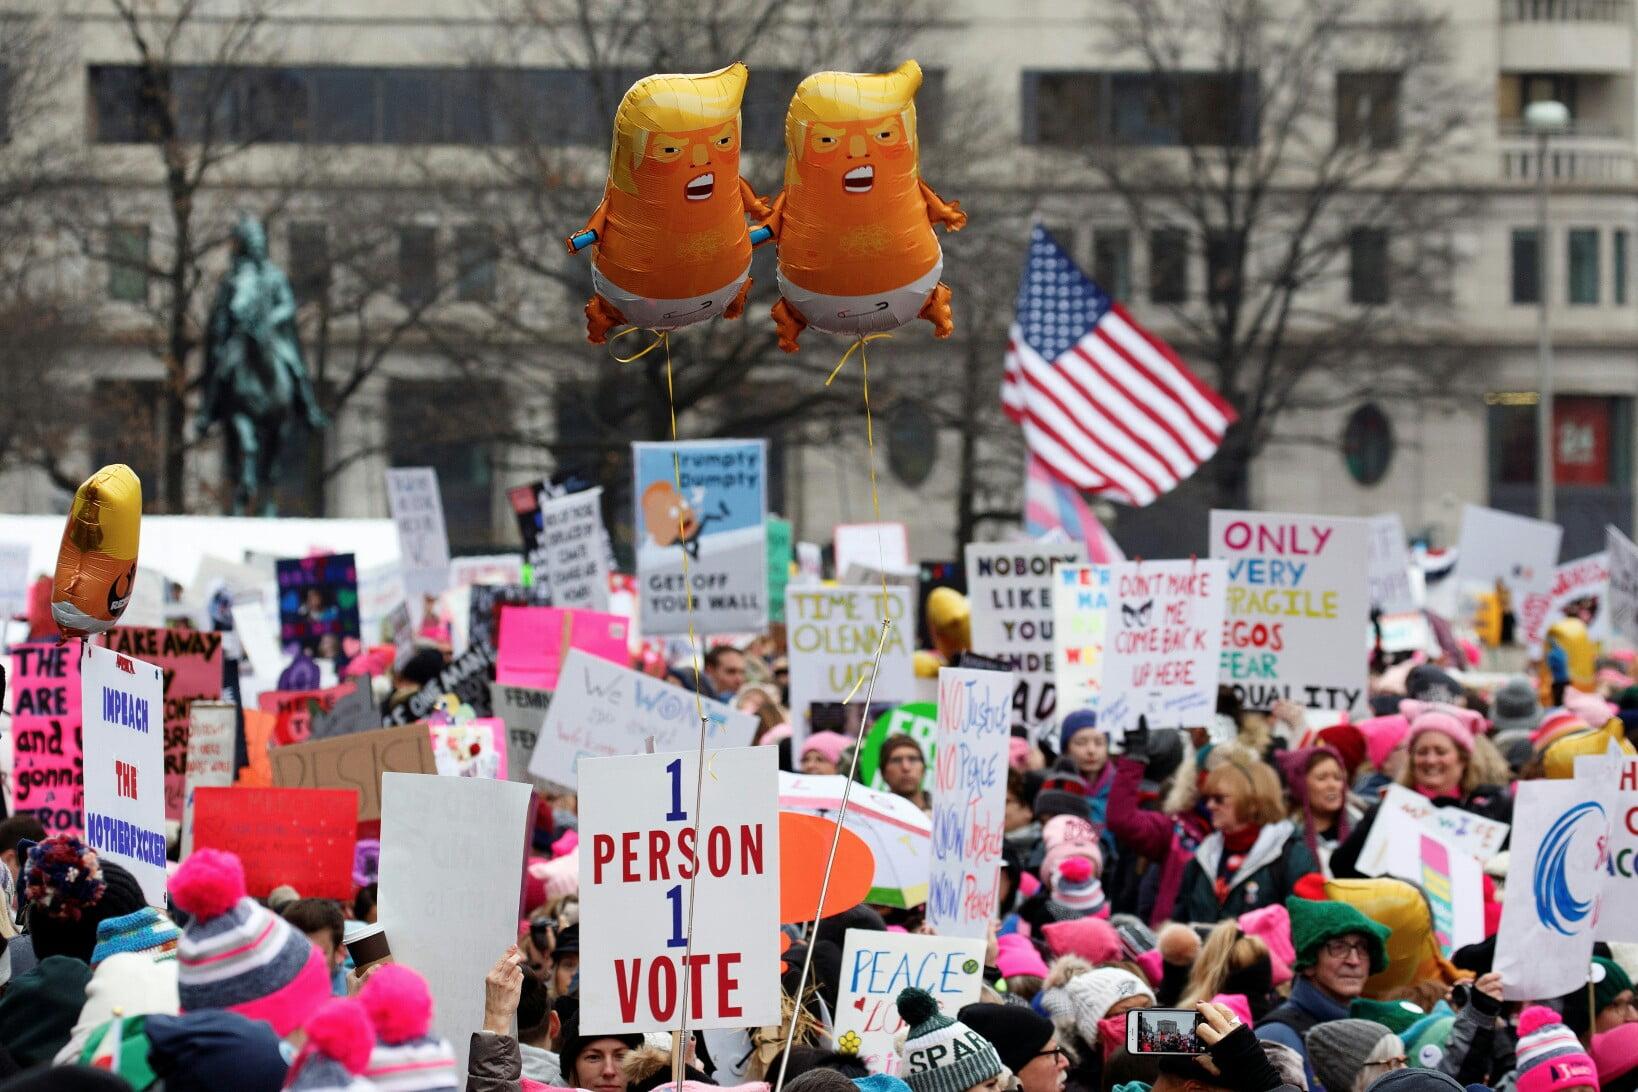 تظاهرات امریکا 6 - تصاویر/ تظاهرات صدها هزار زن امریکایی علیه ترمپ